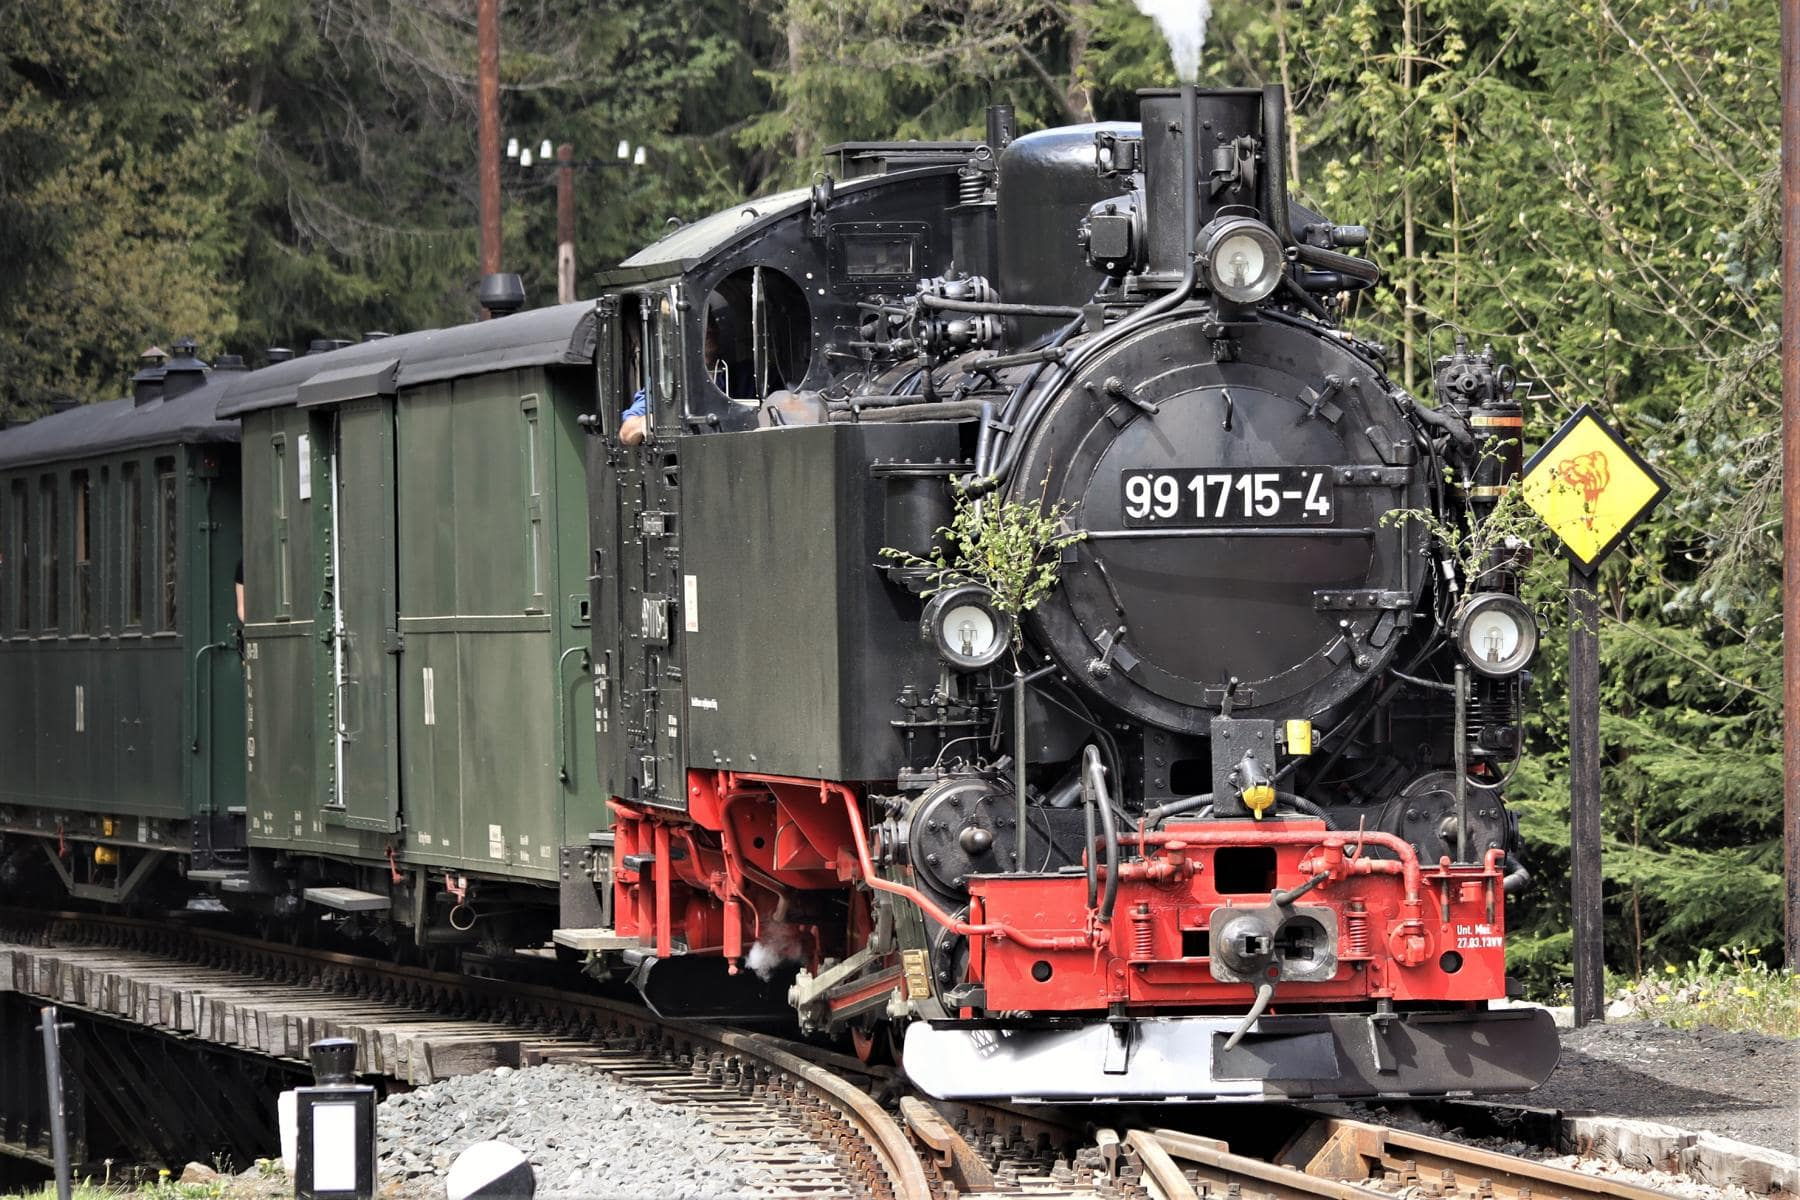 ©Foto: Christian Wodzinski | railmen | Lok 99 1715-4, gebaut 1927 in der Sächsischen Maschinenfabrik Chemnitz